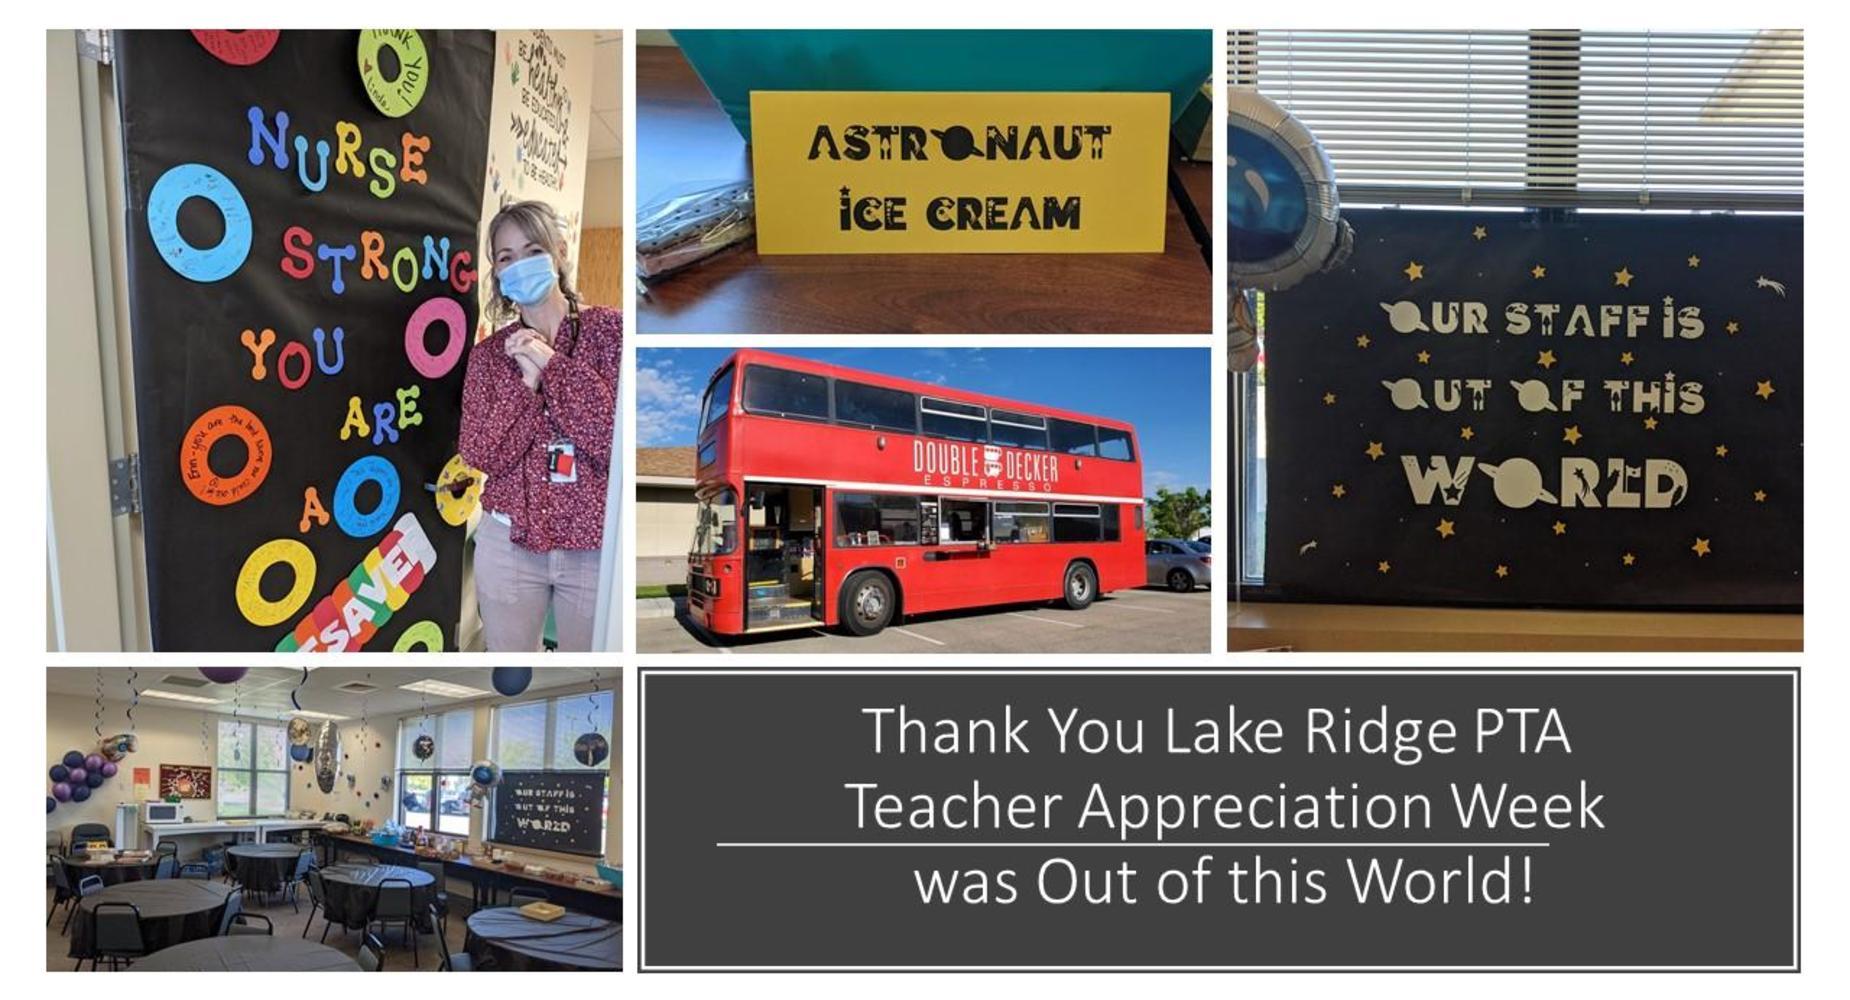 Teacher Apprciation Week